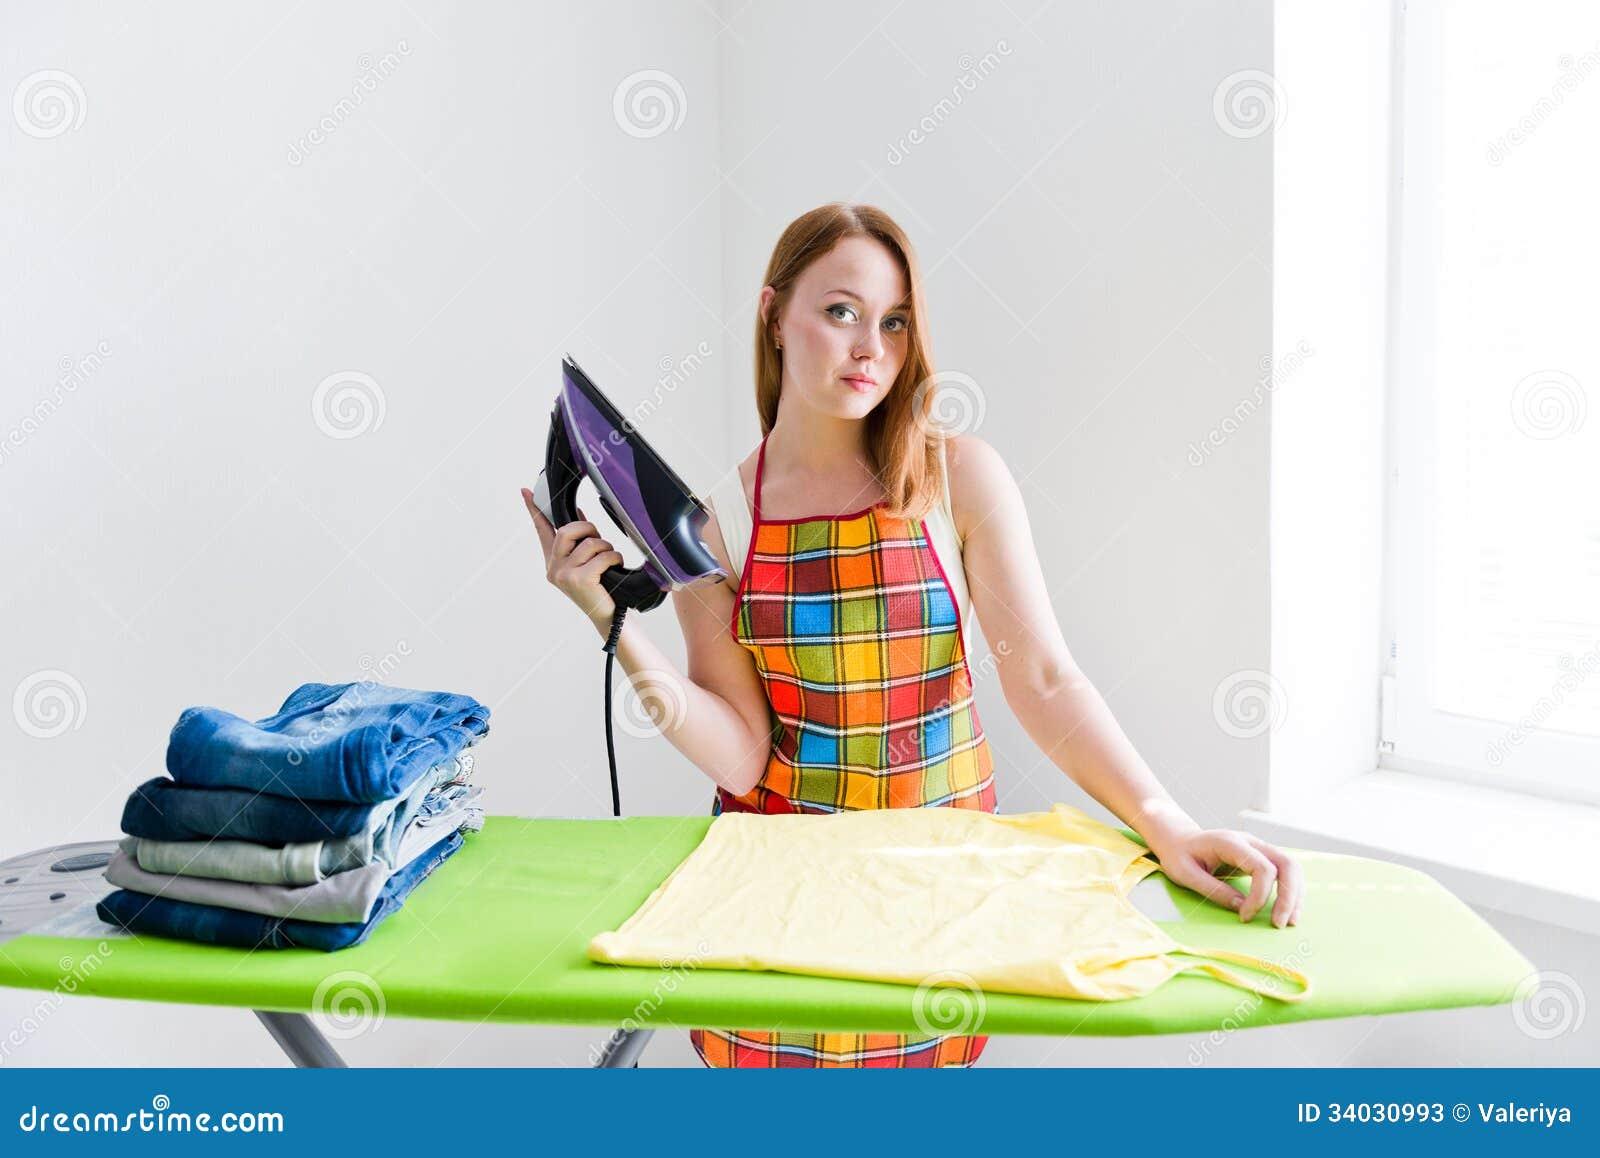 Секс на гладильной доске 4 фотография